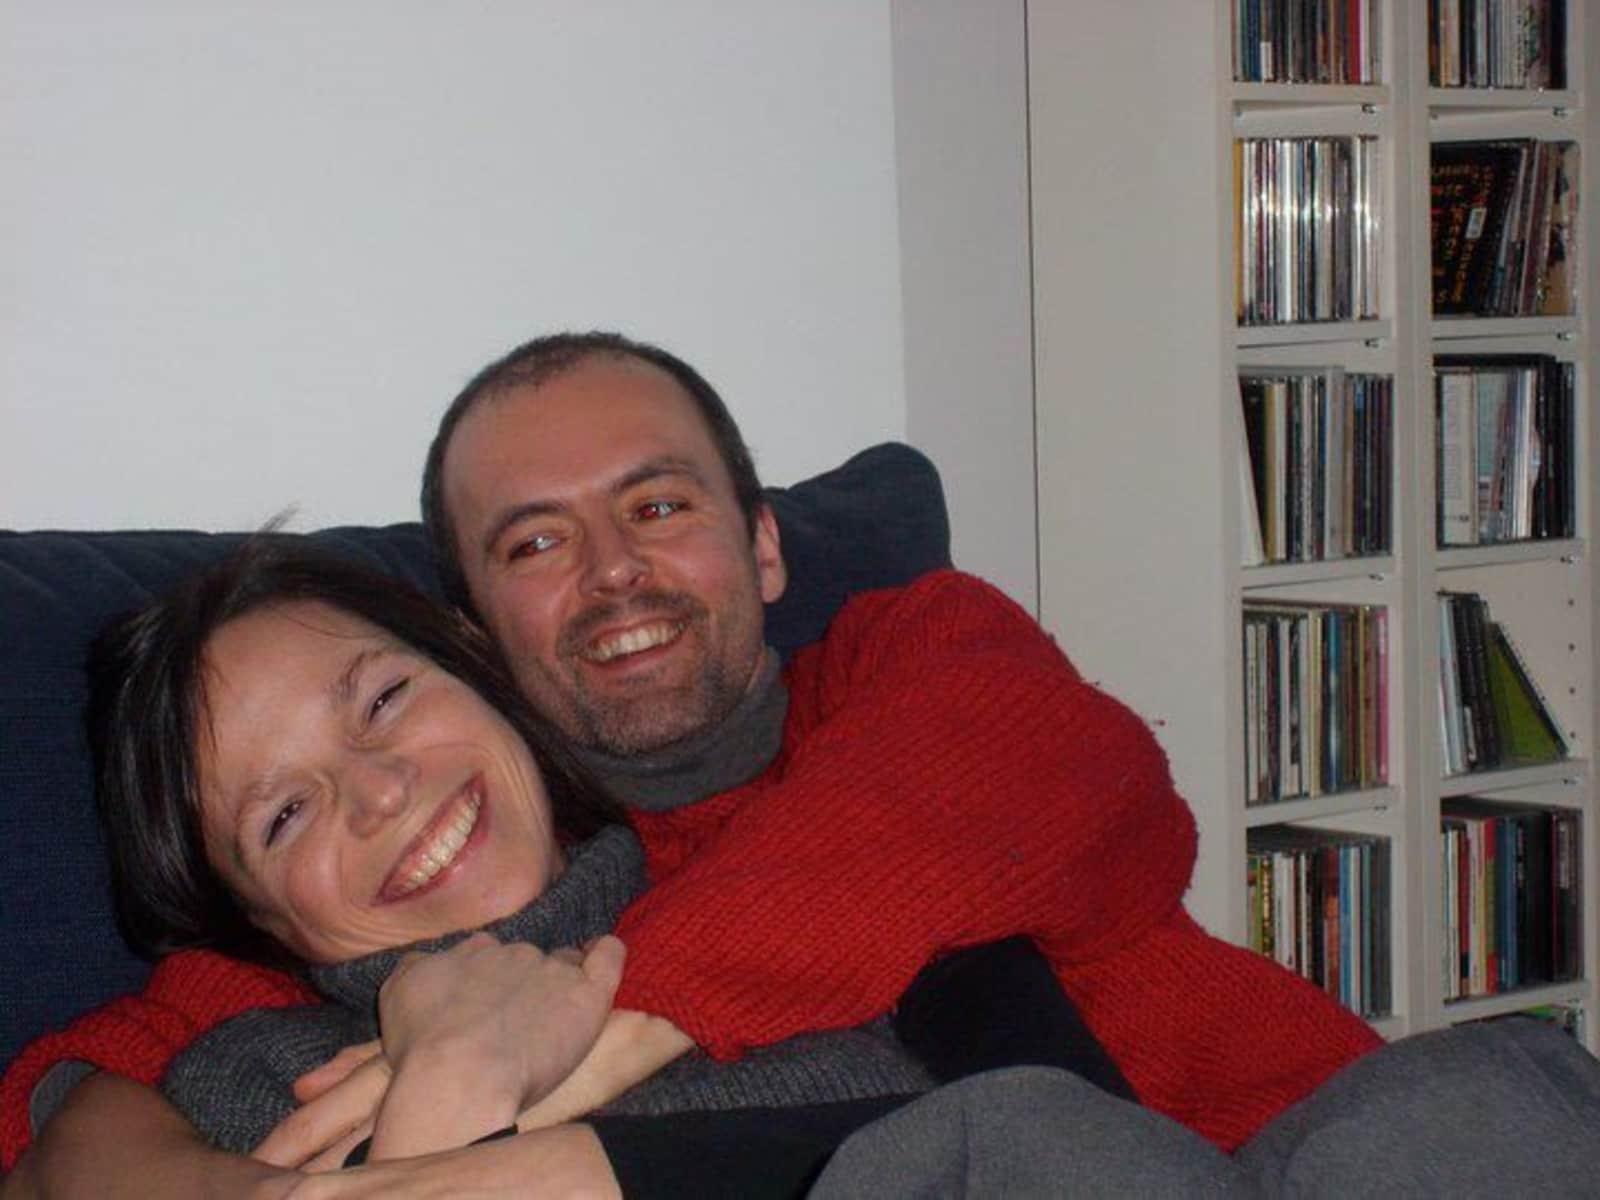 Margot & Kris from Antwerpen, Belgium